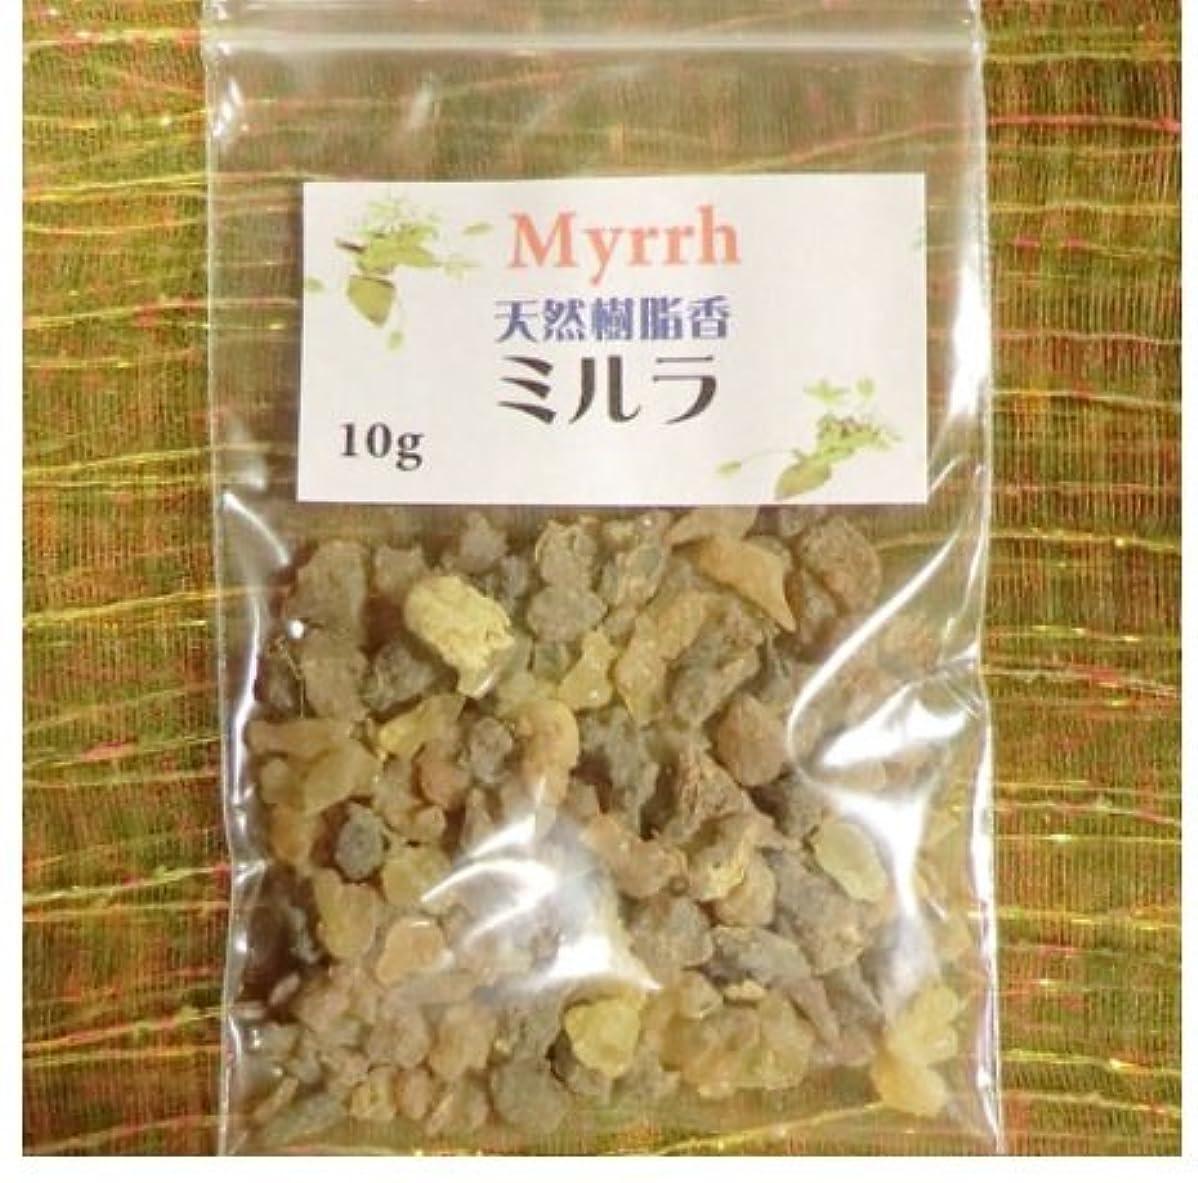 連合絶えず罹患率ミルラ Myrrh (没薬) 天然樹脂香 10g (ミルラ)